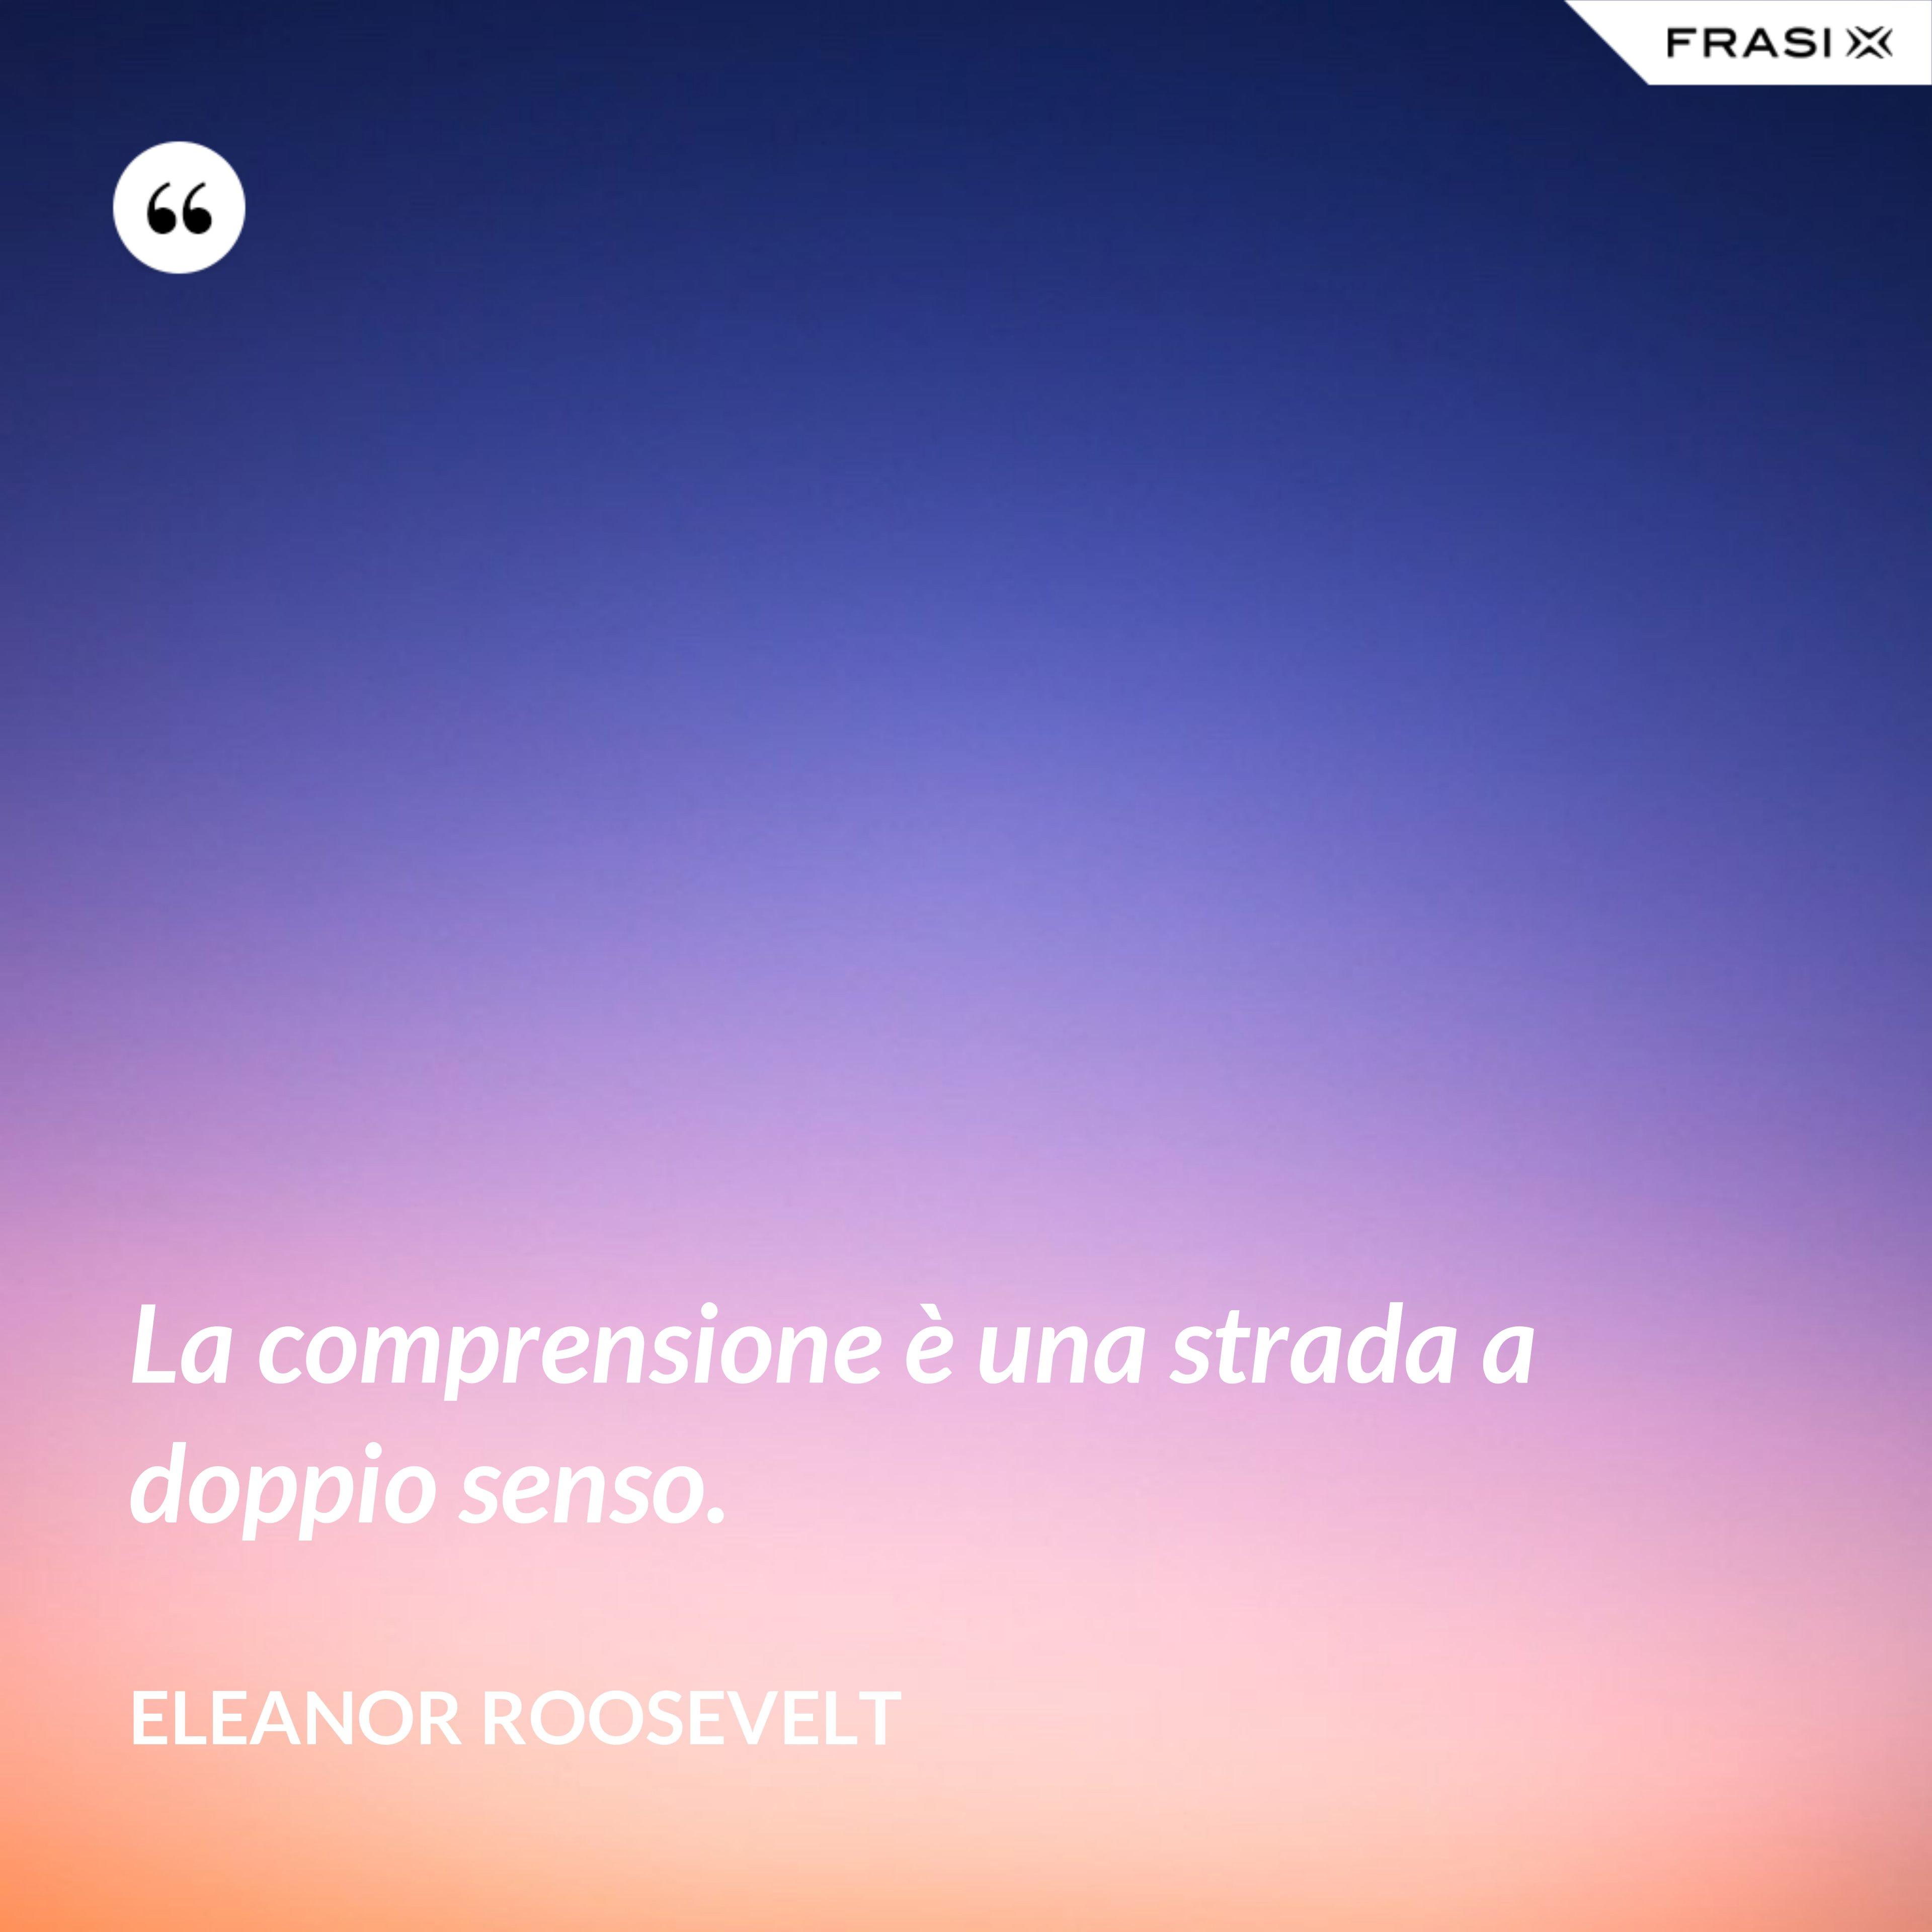 La comprensione è una strada a doppio senso. - Eleanor Roosevelt